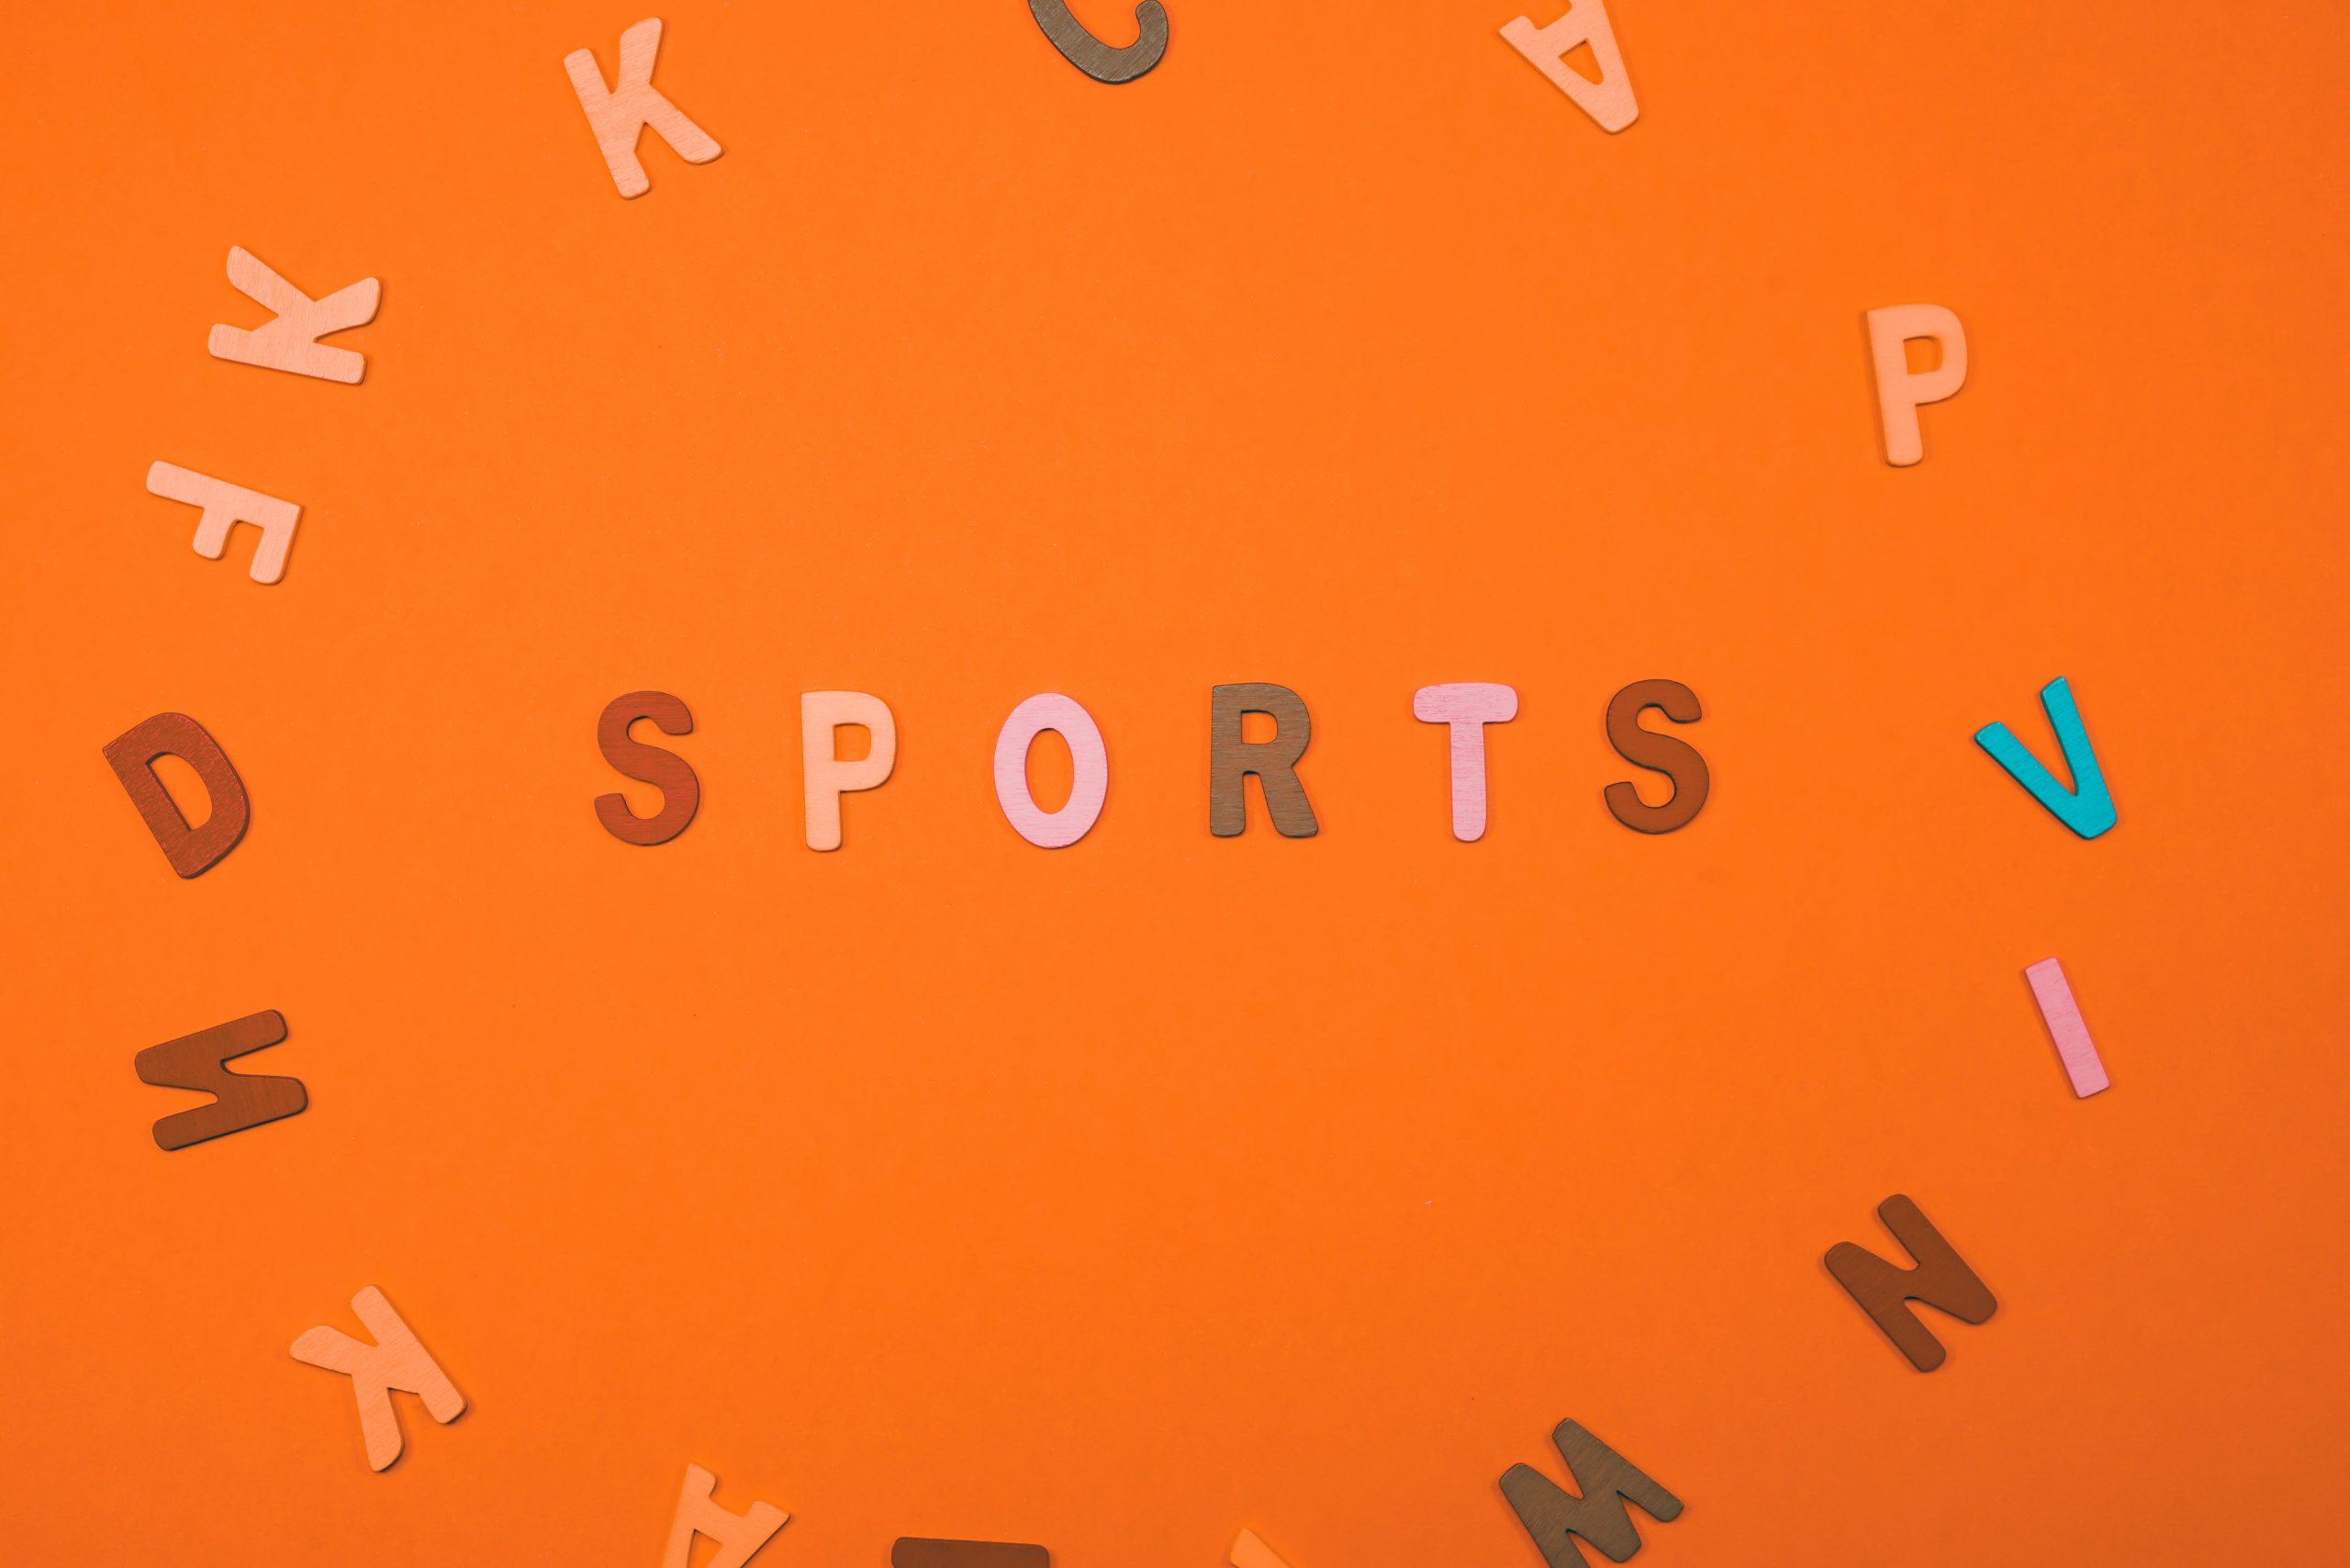 Sports written on scrabble